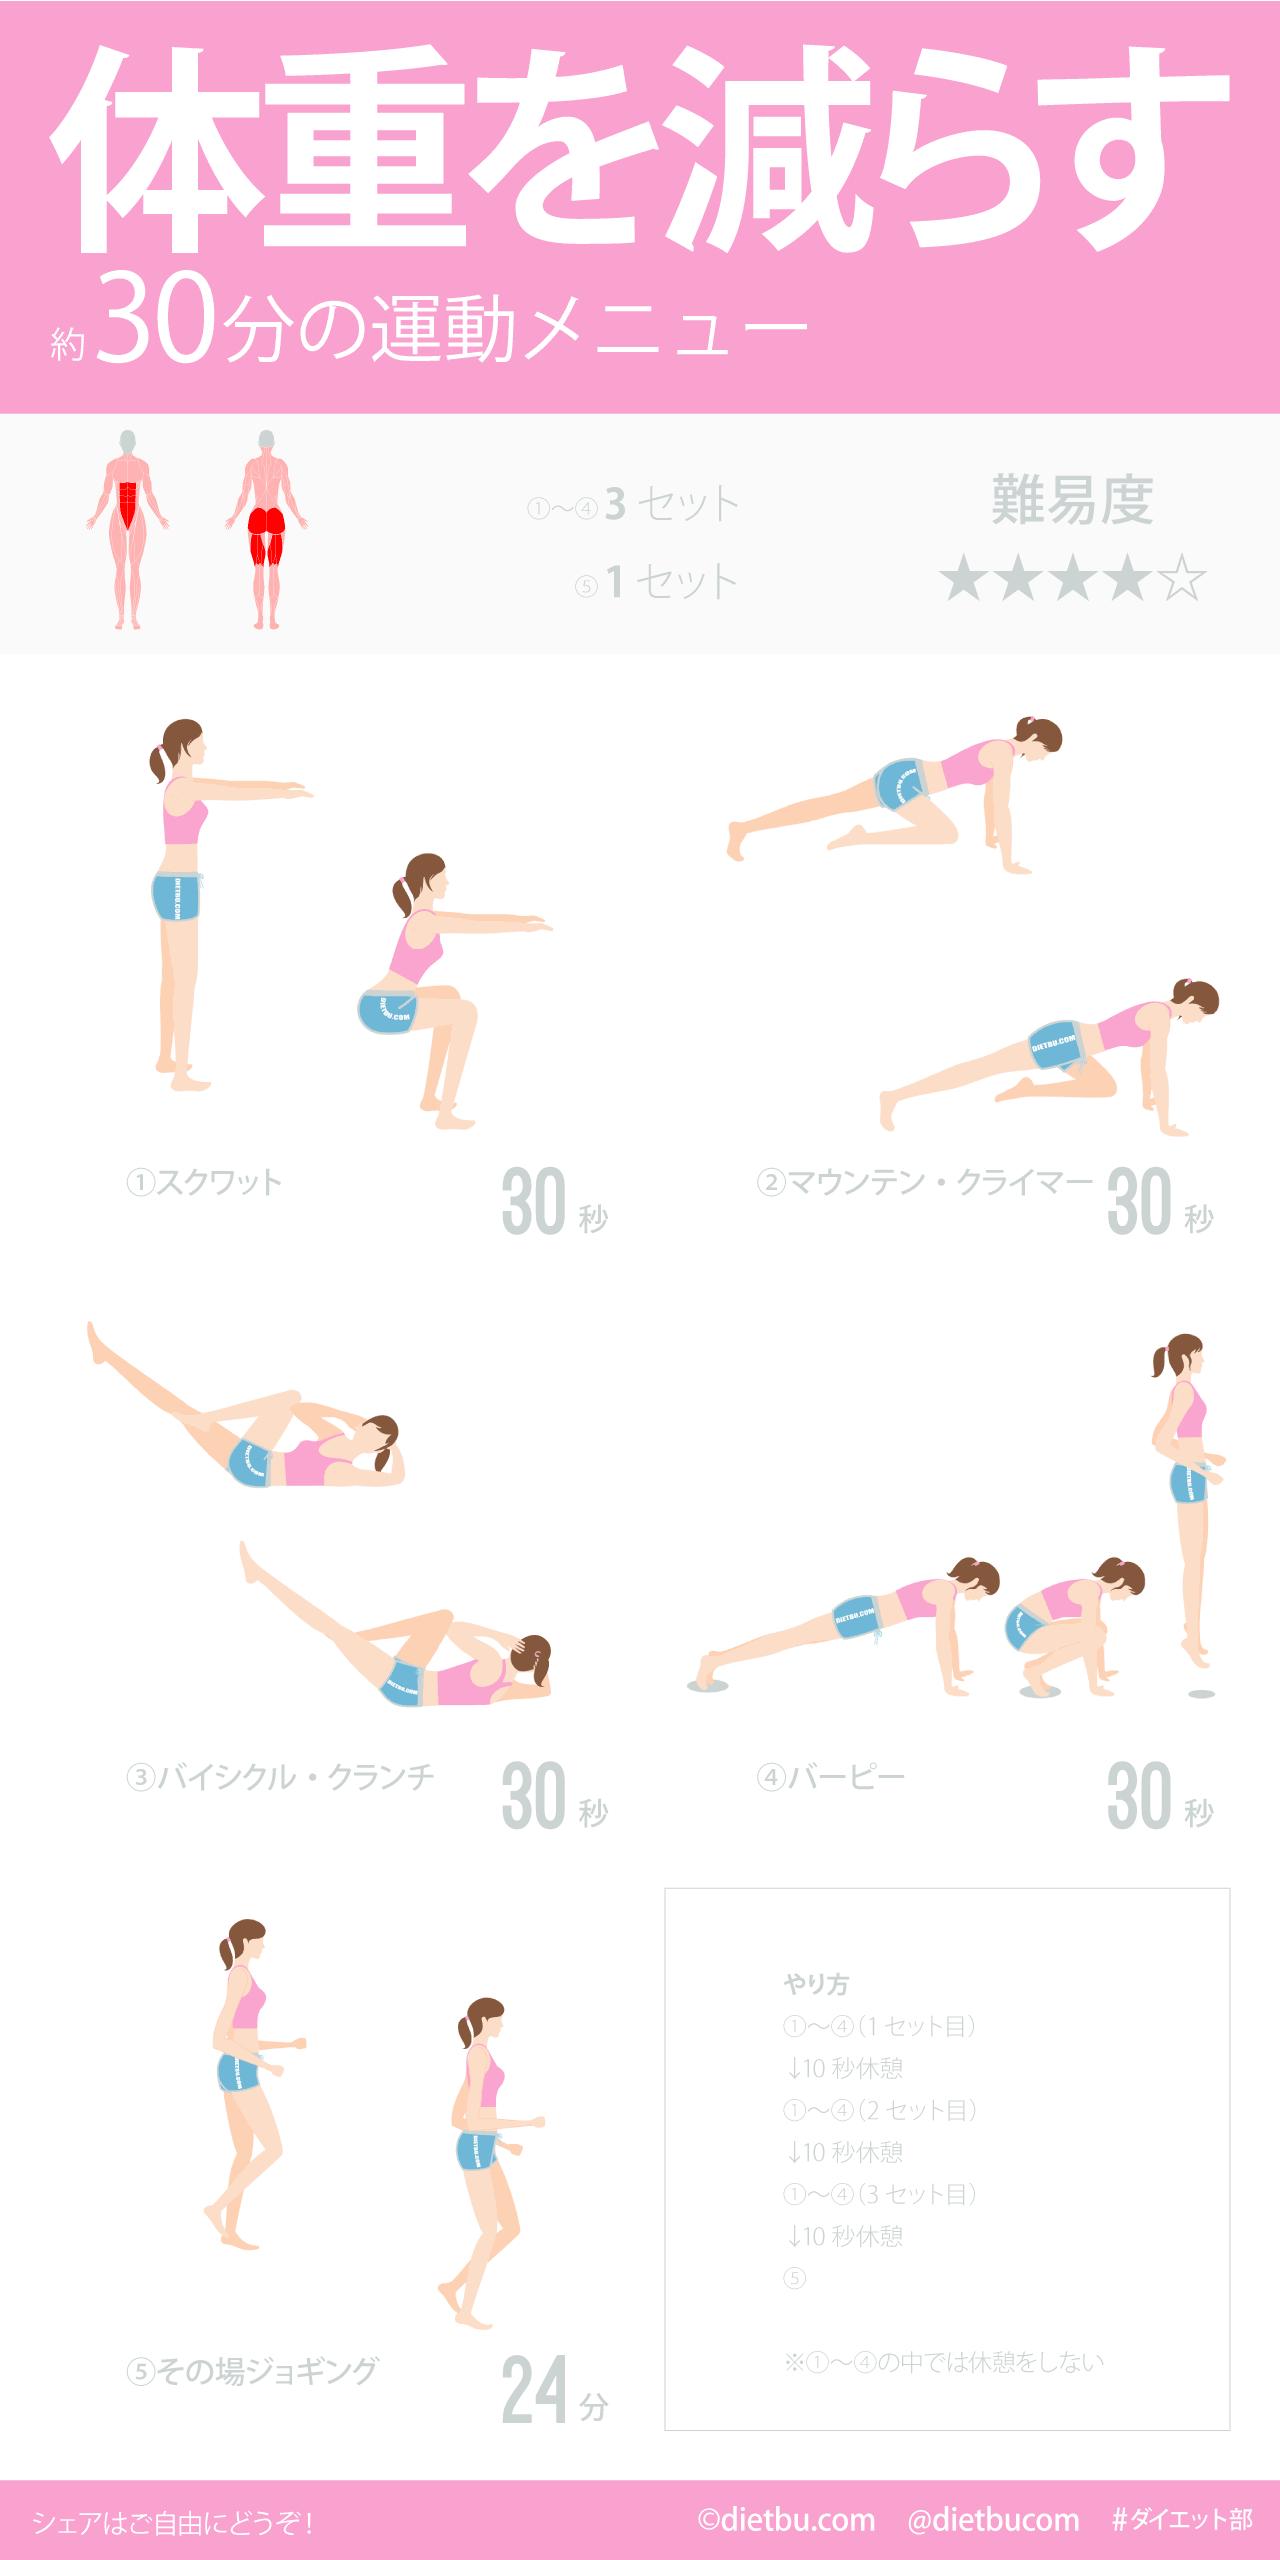 とにかく体重を減らしたい!毎日30分で減量する運動メニュー